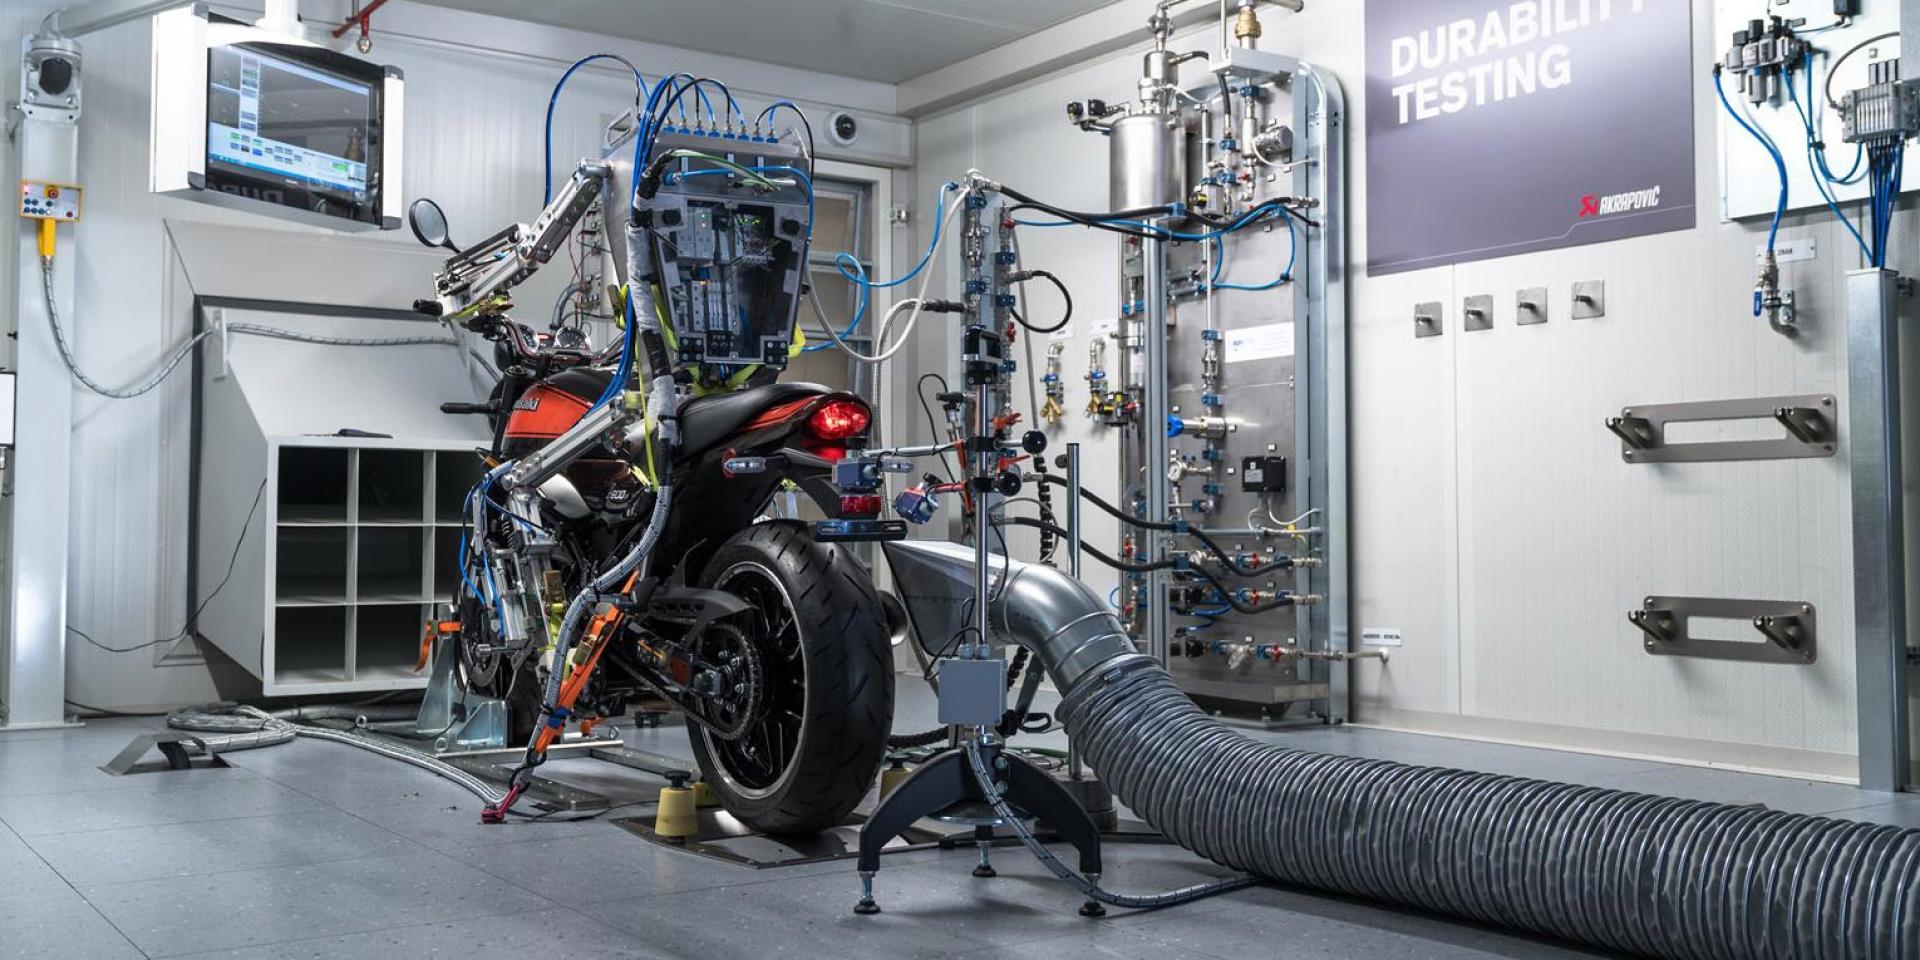 機器人幫你騎機車。AKRAPOVIC排氣管推出全新耐久實驗室